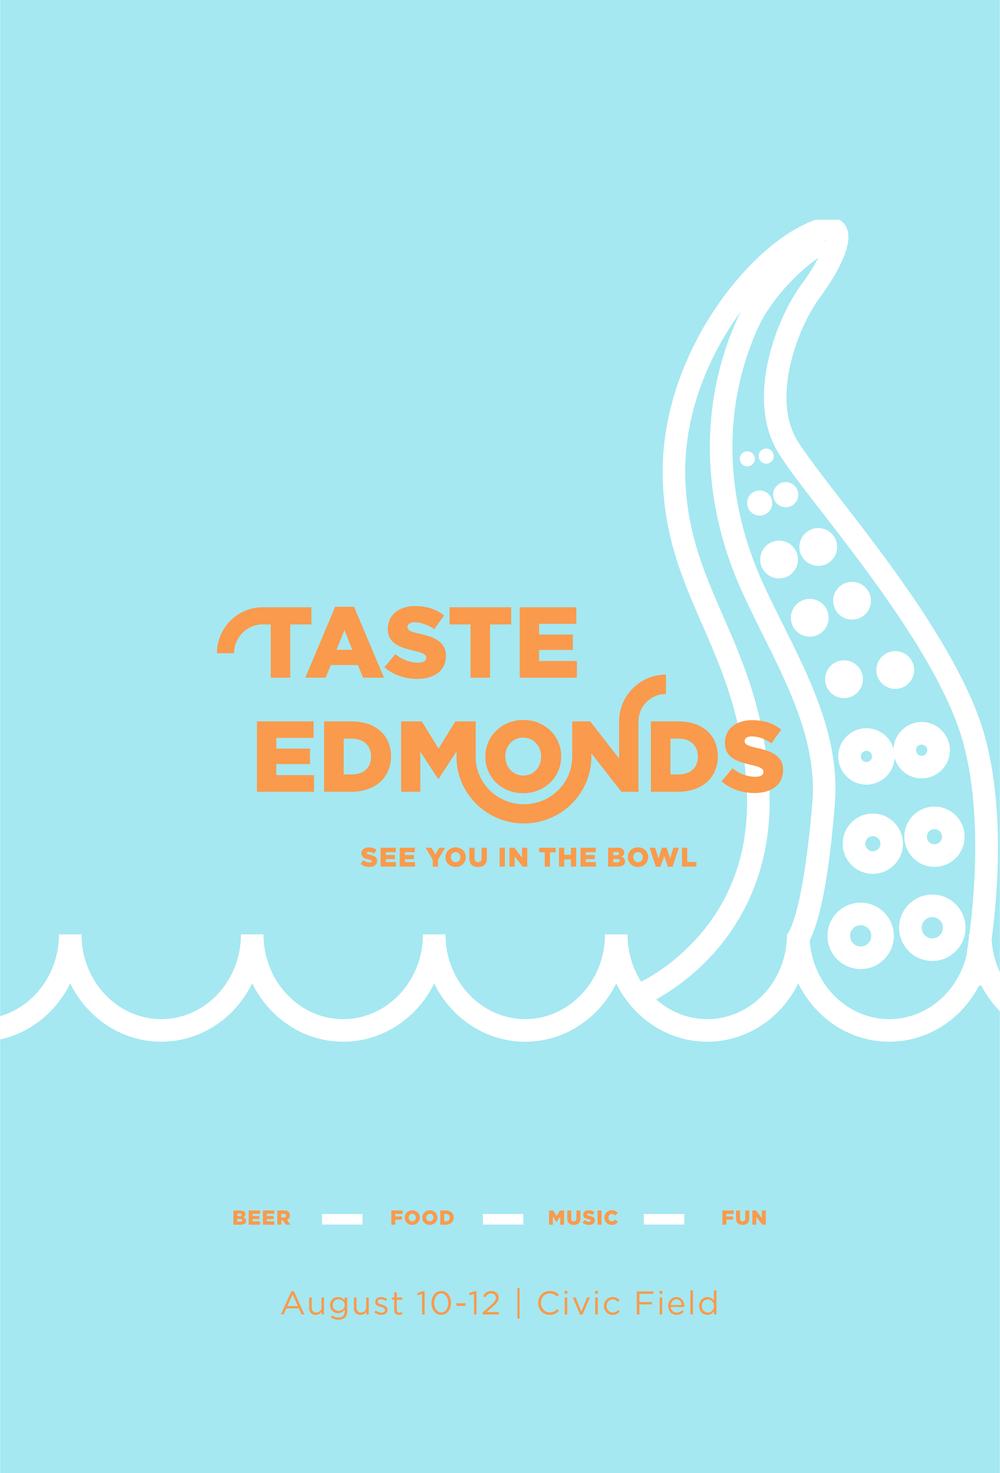 tasteEdmonds_AJH_2-30.png